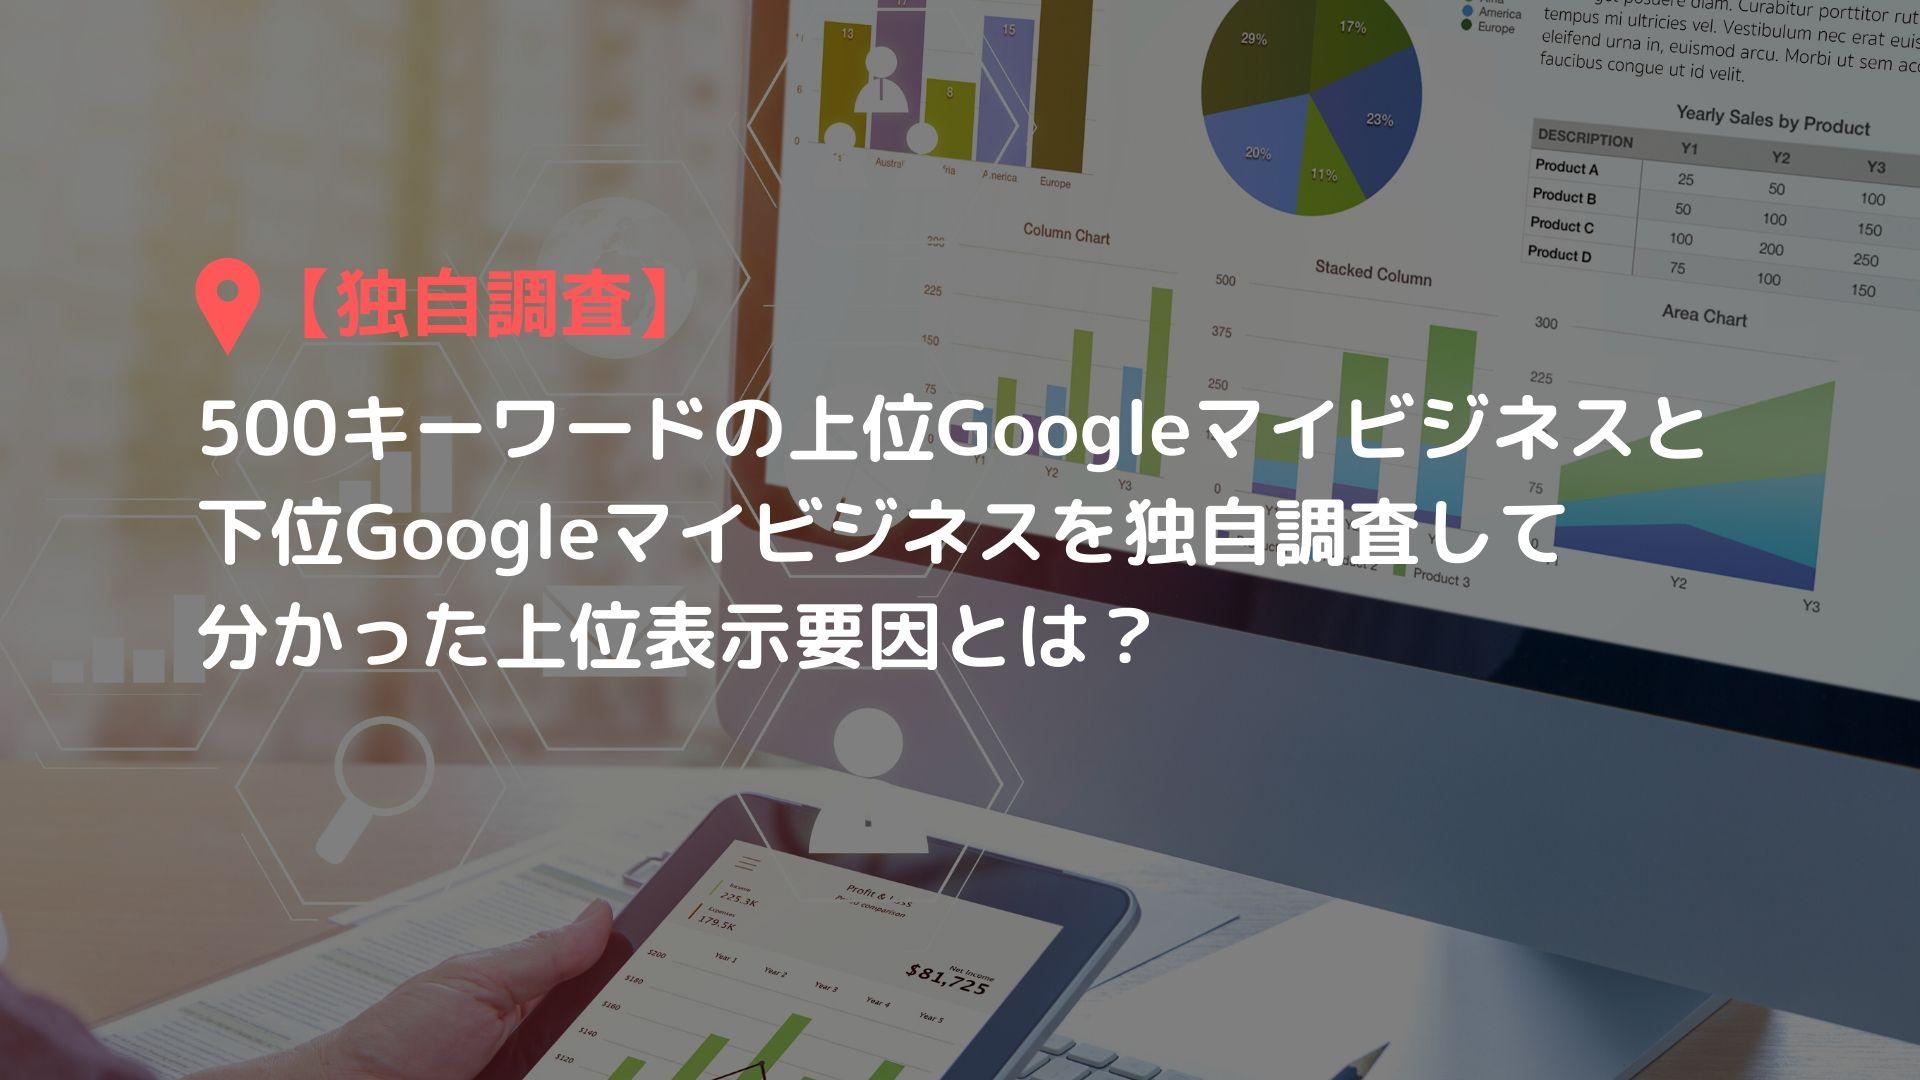 【独自調査】500キーワードの上位Googleマイビジネスと下位Googleマイビジネスを独自調査して分かった上位表示要因とは?